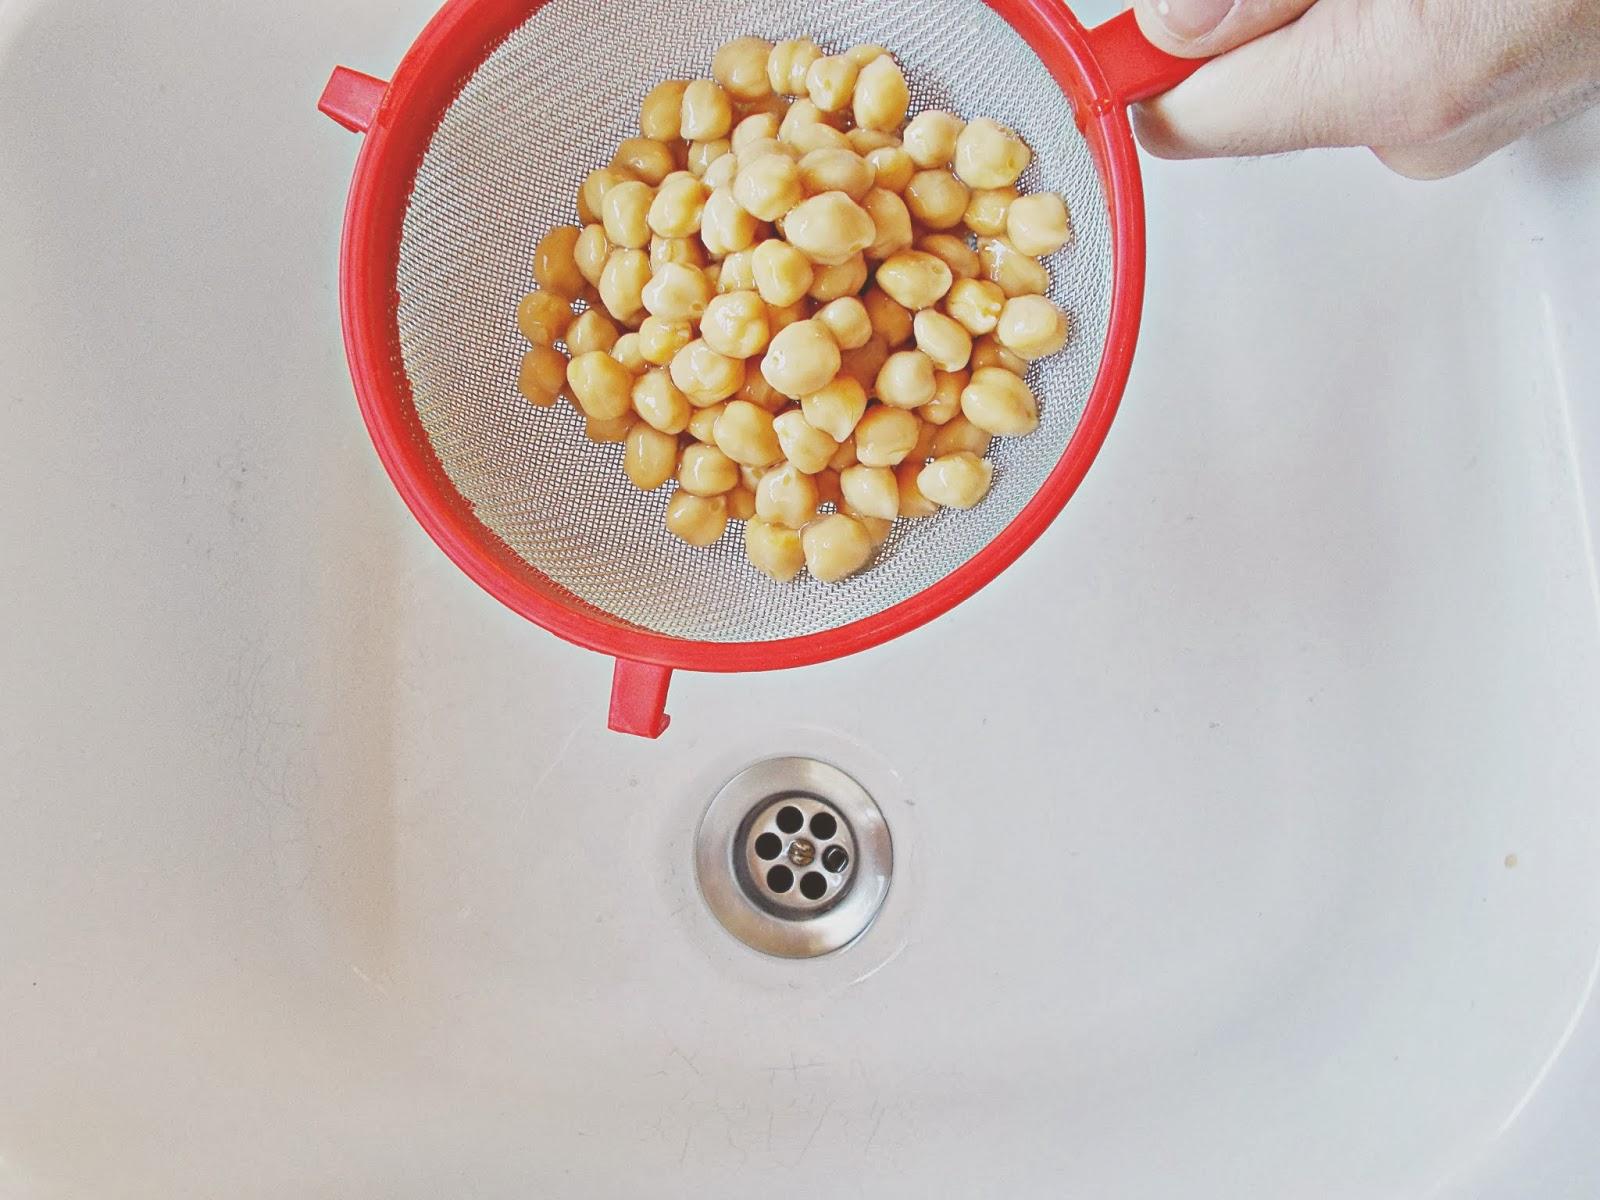 Receta-cocina-hummus-garbanzos 1